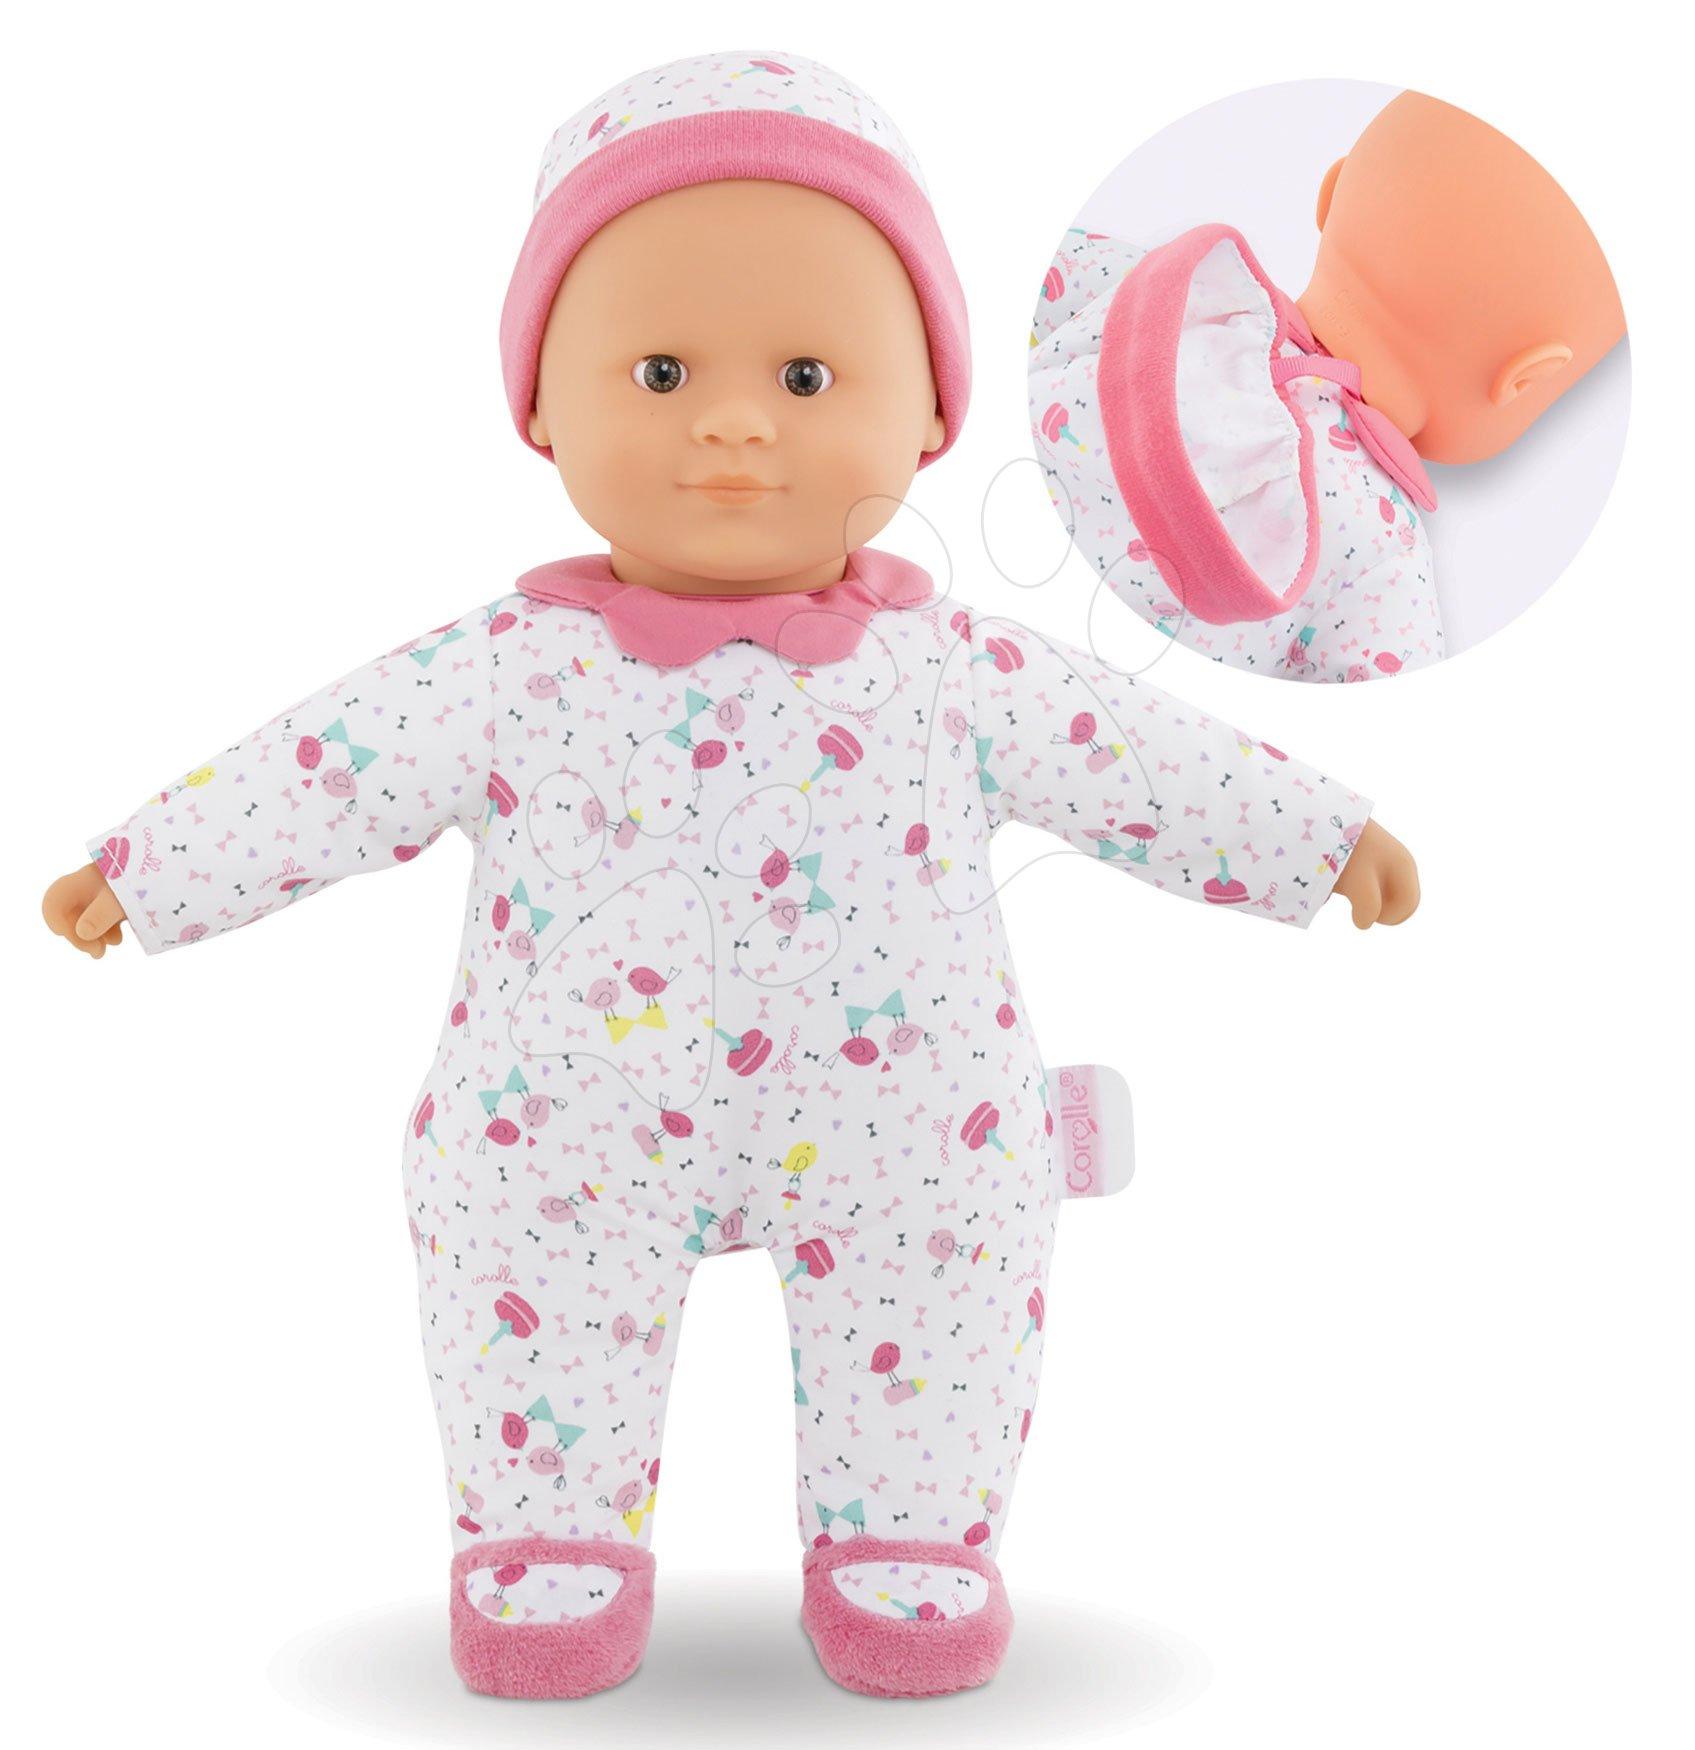 Bábika Sweet Heart Birthday Corolle s hnedými očami, snímateľnou čiapočkou a papučkami 30 cm - ideálny darček k 1. narodeninám od 9 mes